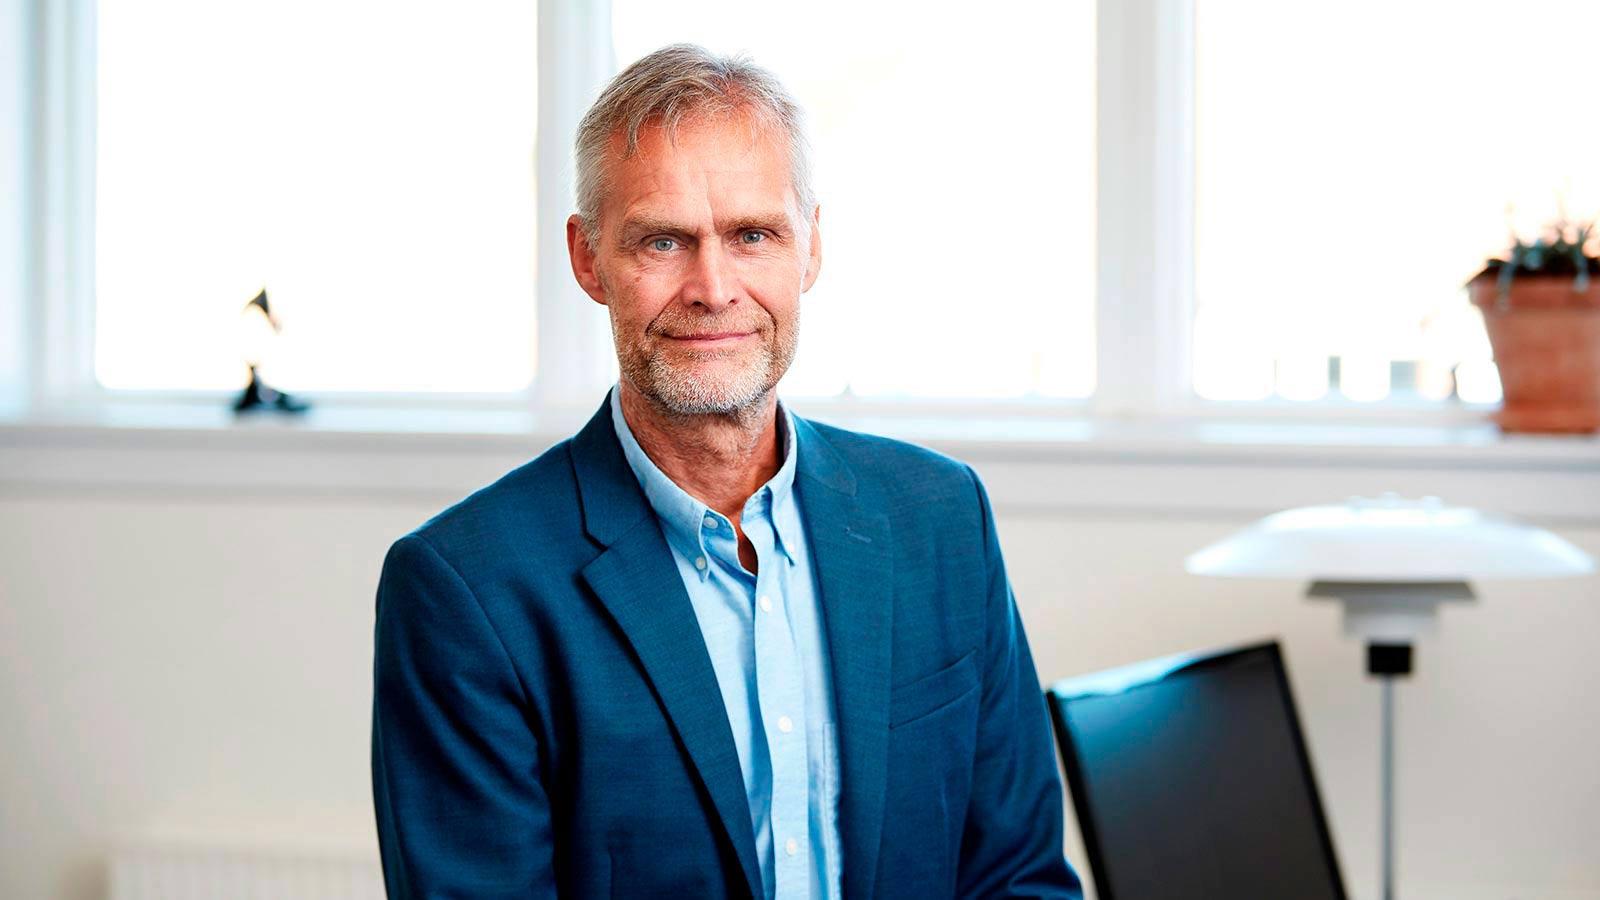 El fundador de Cryos, Ole Schou